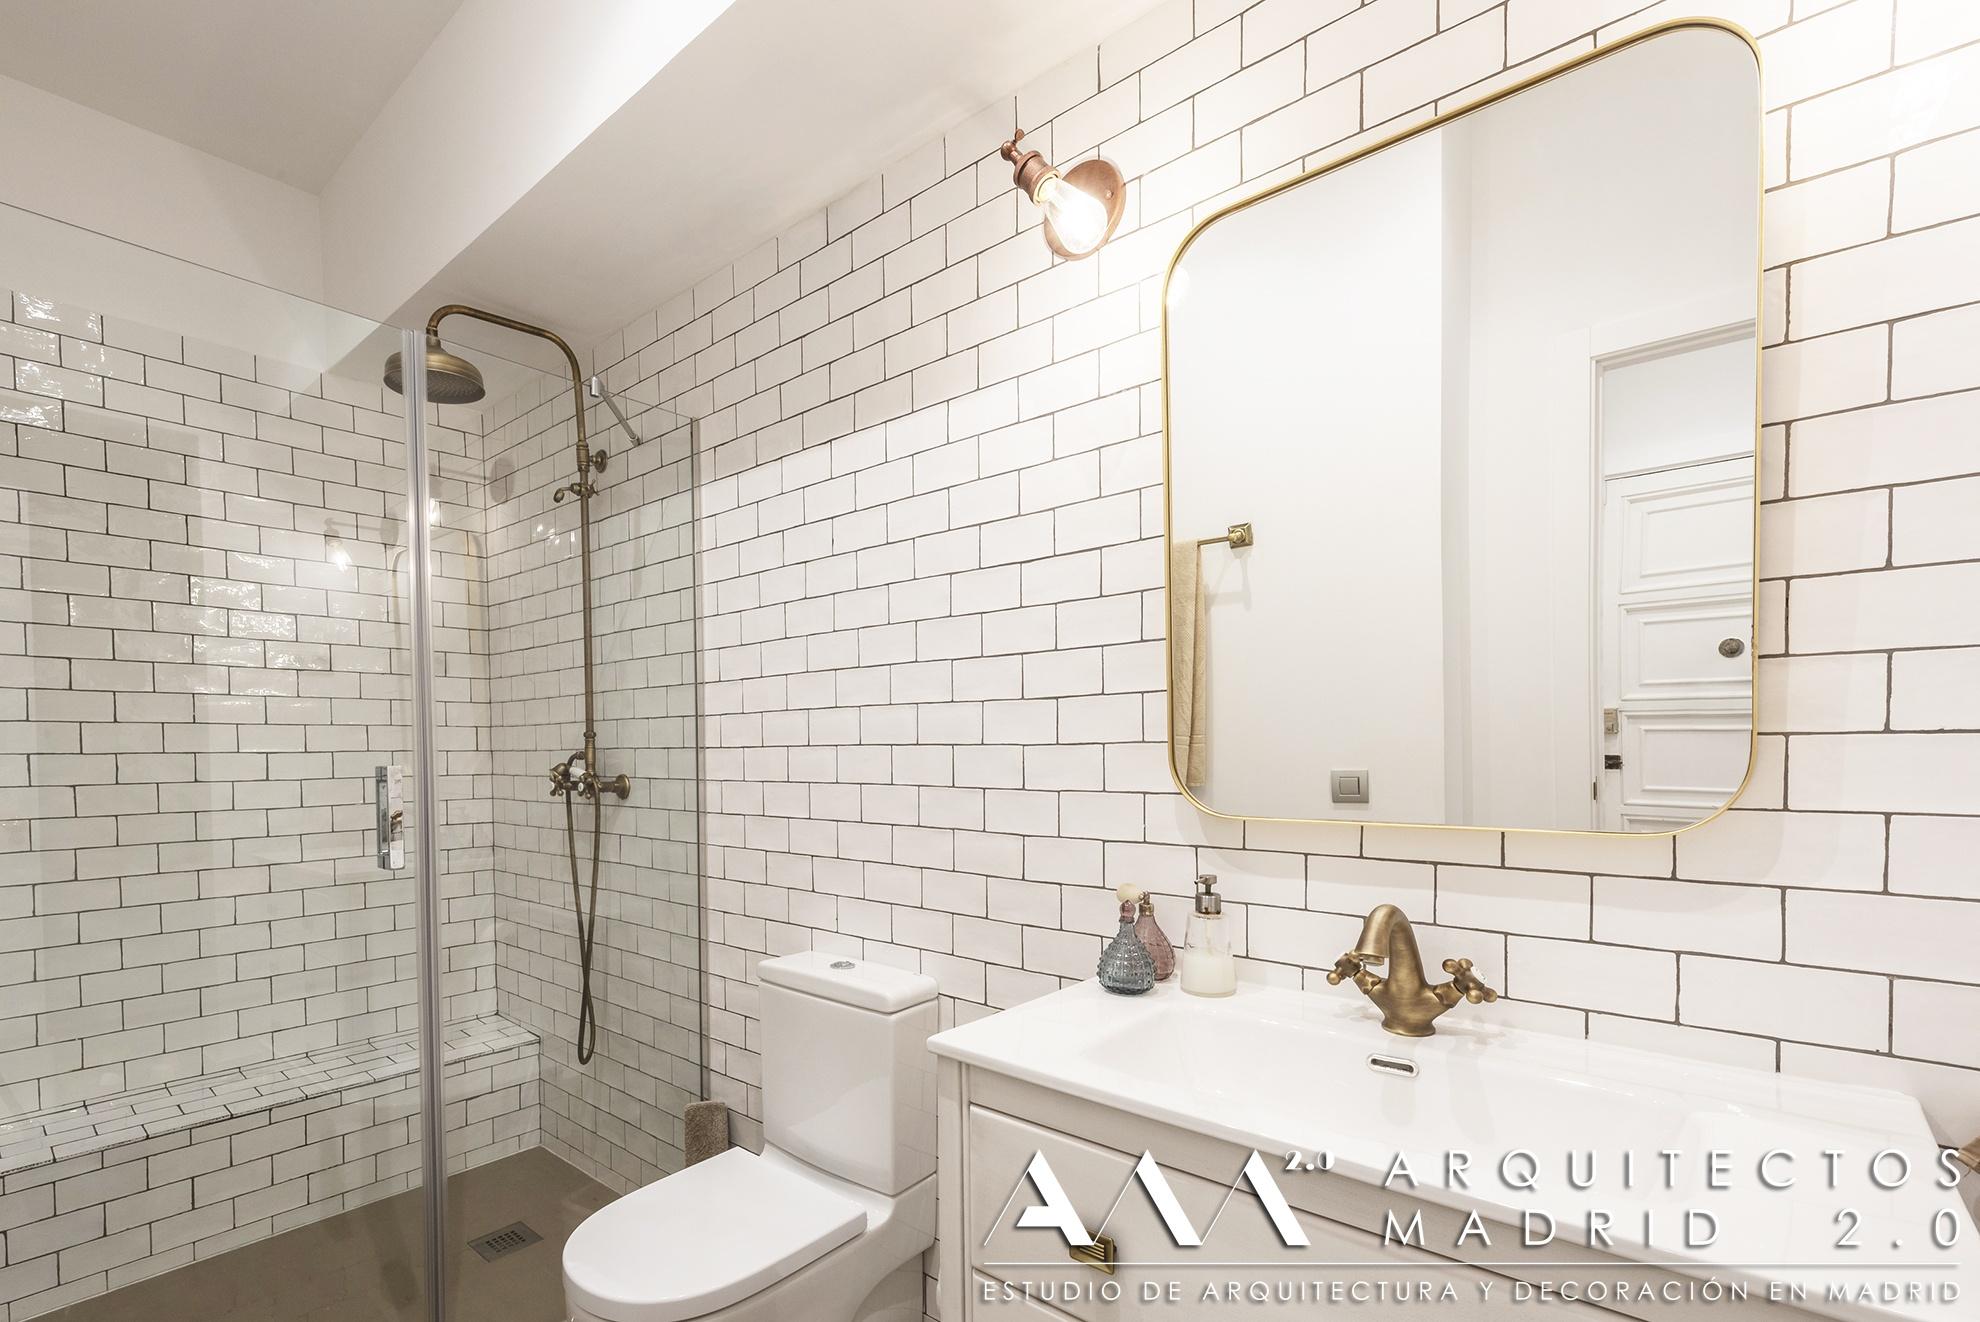 reforma-proyecto-vivienda-chamberi-arquitectos-madrid-decoracion-banos-retro-vintage-01